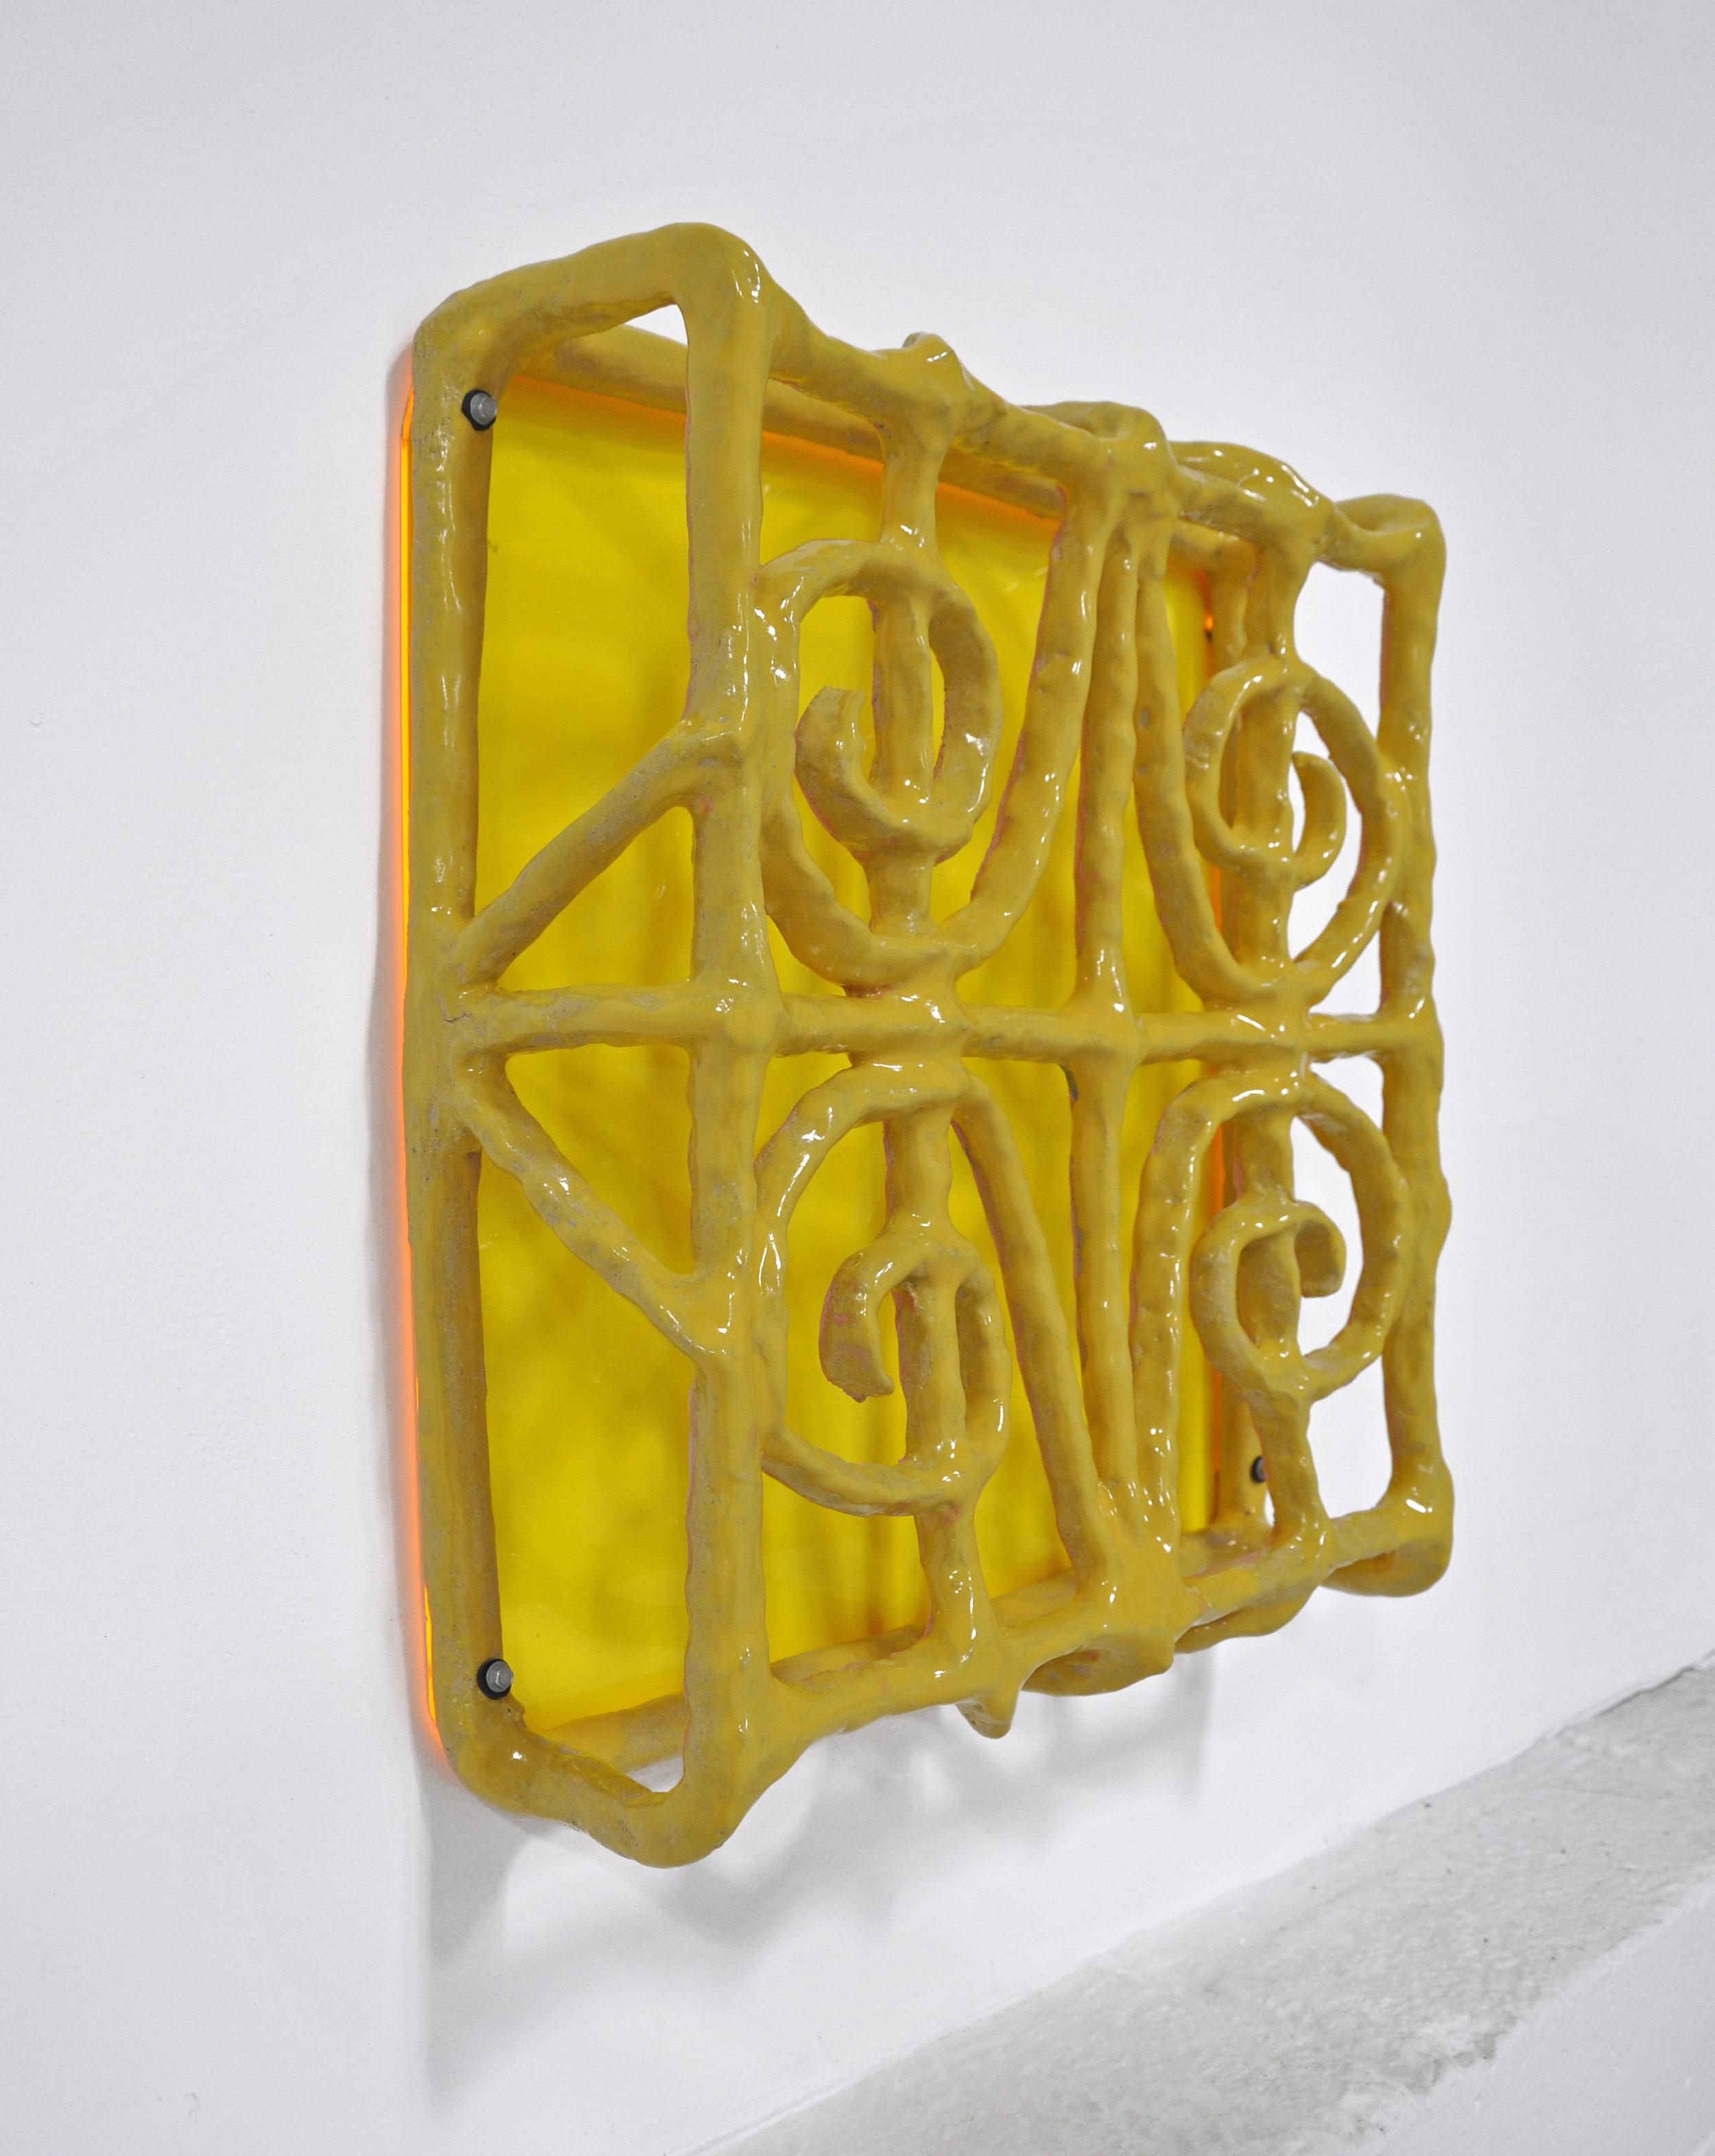 """""""ISOLATIONISM VIII"""", Glazed ceramic and plexiglass, 18.5 x 5 x 19 in, 2019"""